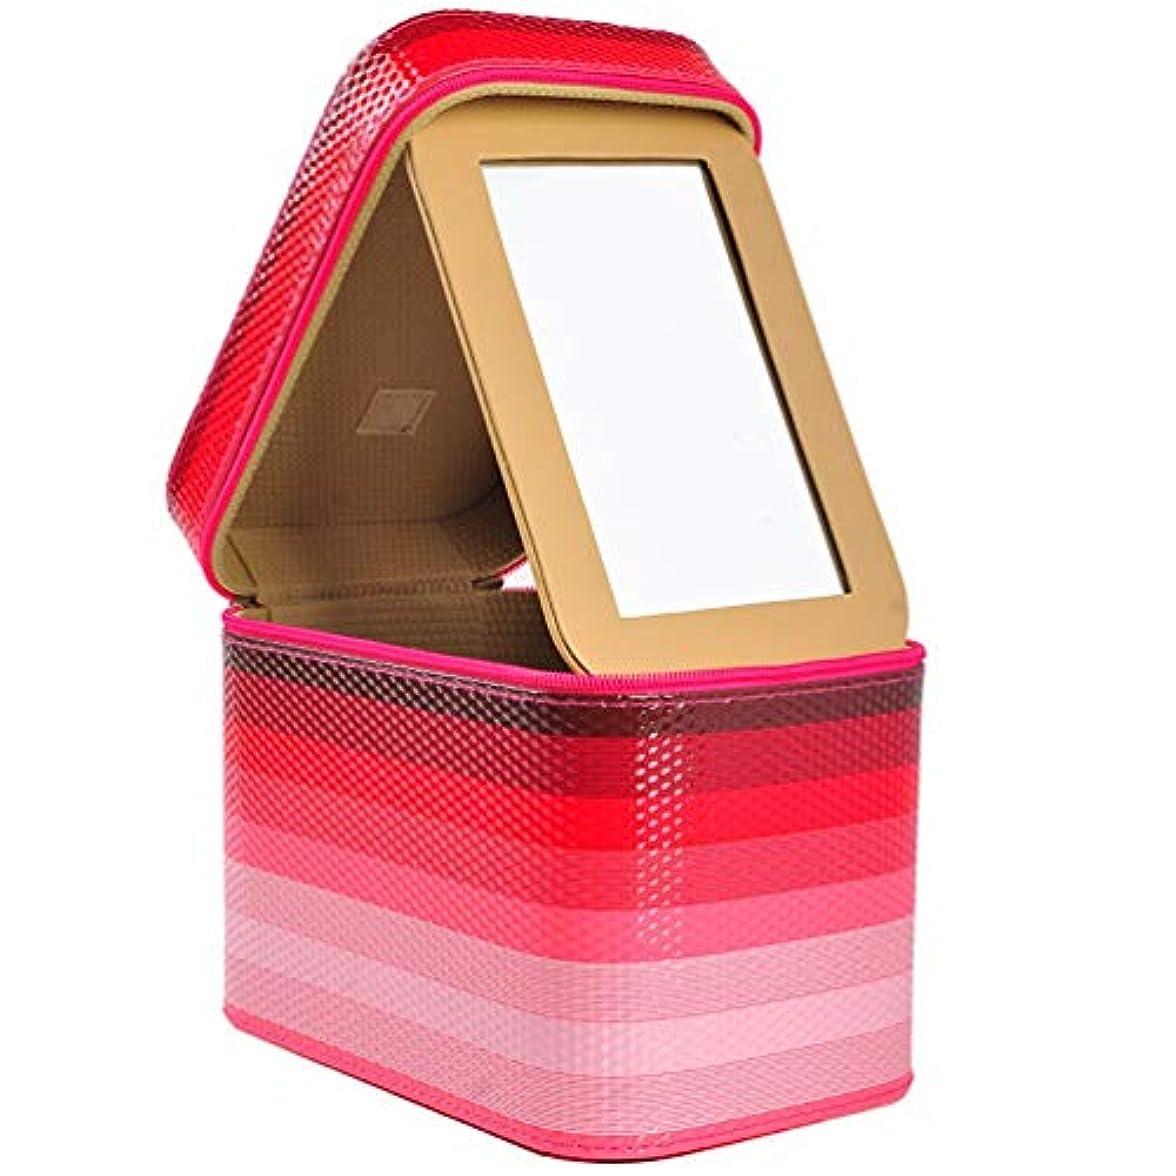 結晶マウス赤[カタク]メイクボックス コスメボックス 大容量 鏡付き 化粧ボックス おしゃれ 取っ手付 携帯便利 化粧道具 メイクブラシ 小物 出張 旅行 機能的 PUレザー プロ仕様 きらきら 化粧ポーチ コスメBOX